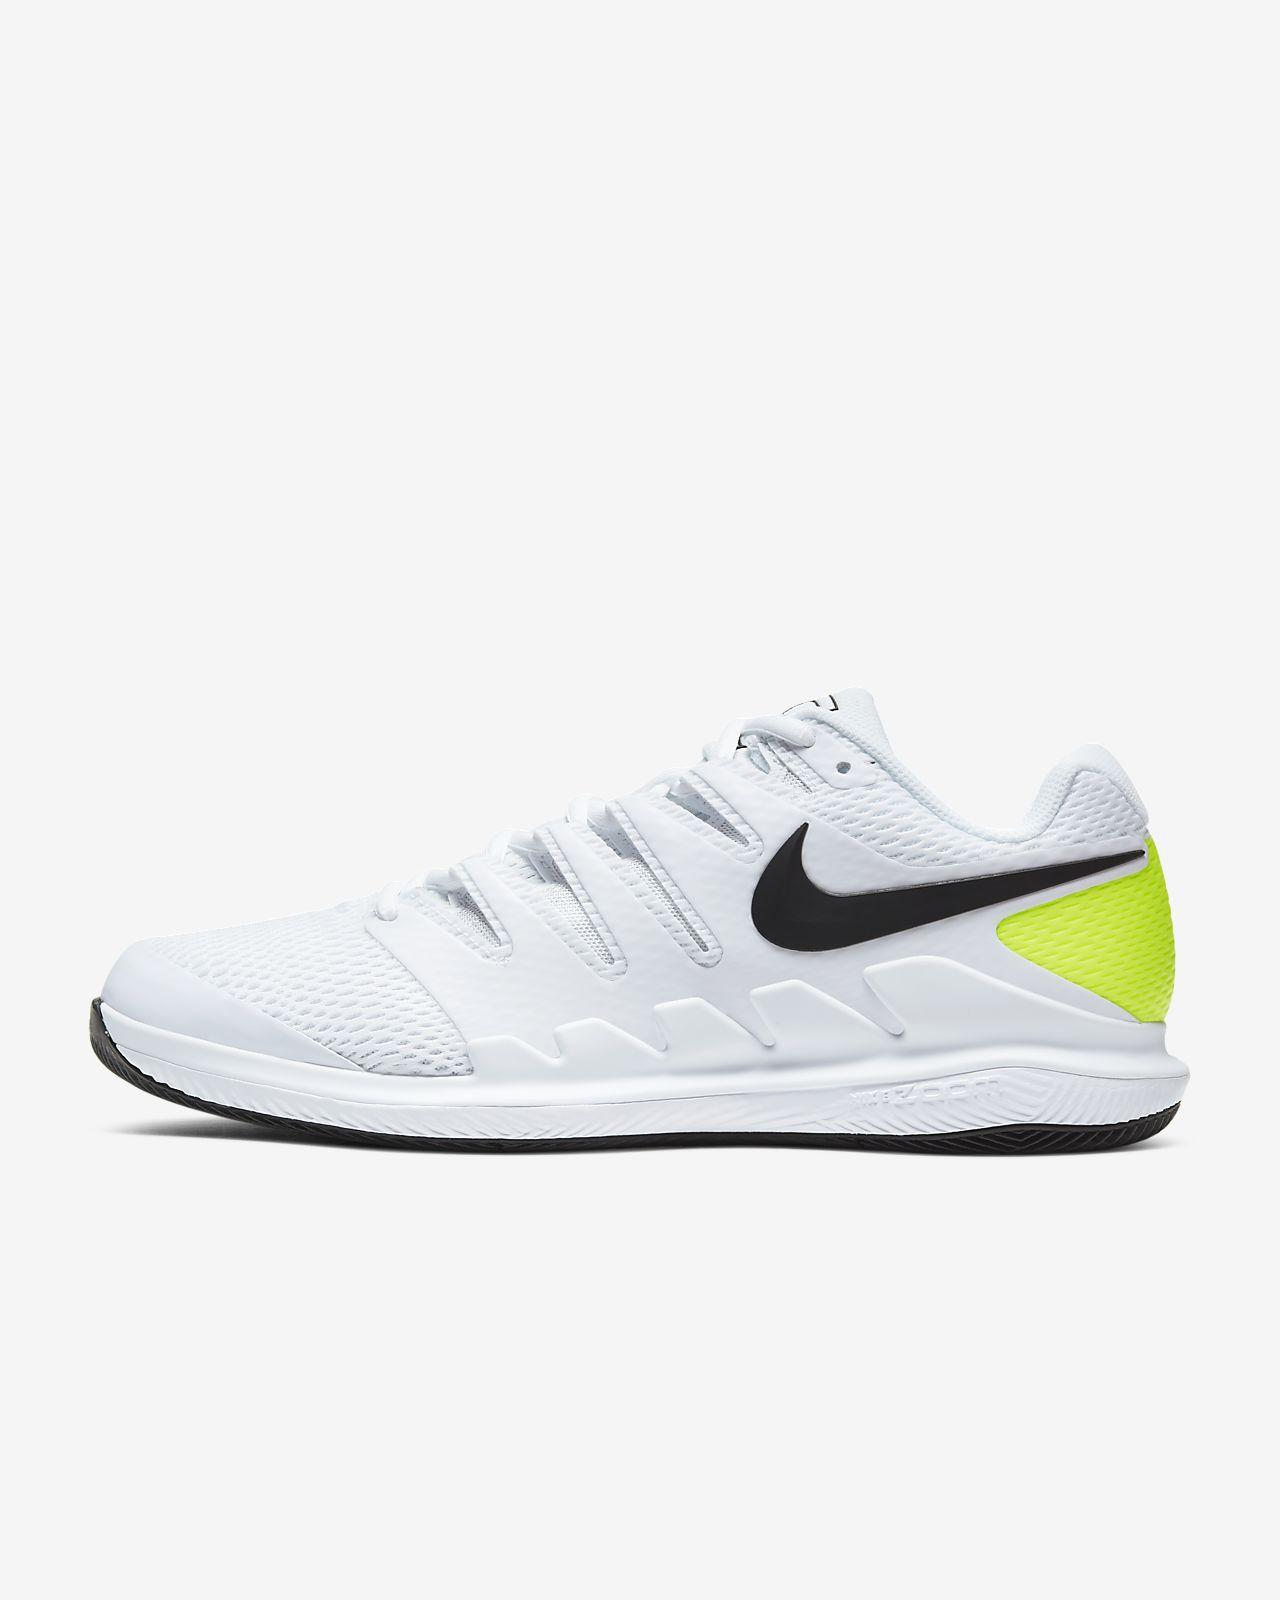 2020 populära märken Nike Air Zoom Prestige HC kvinnor Skor